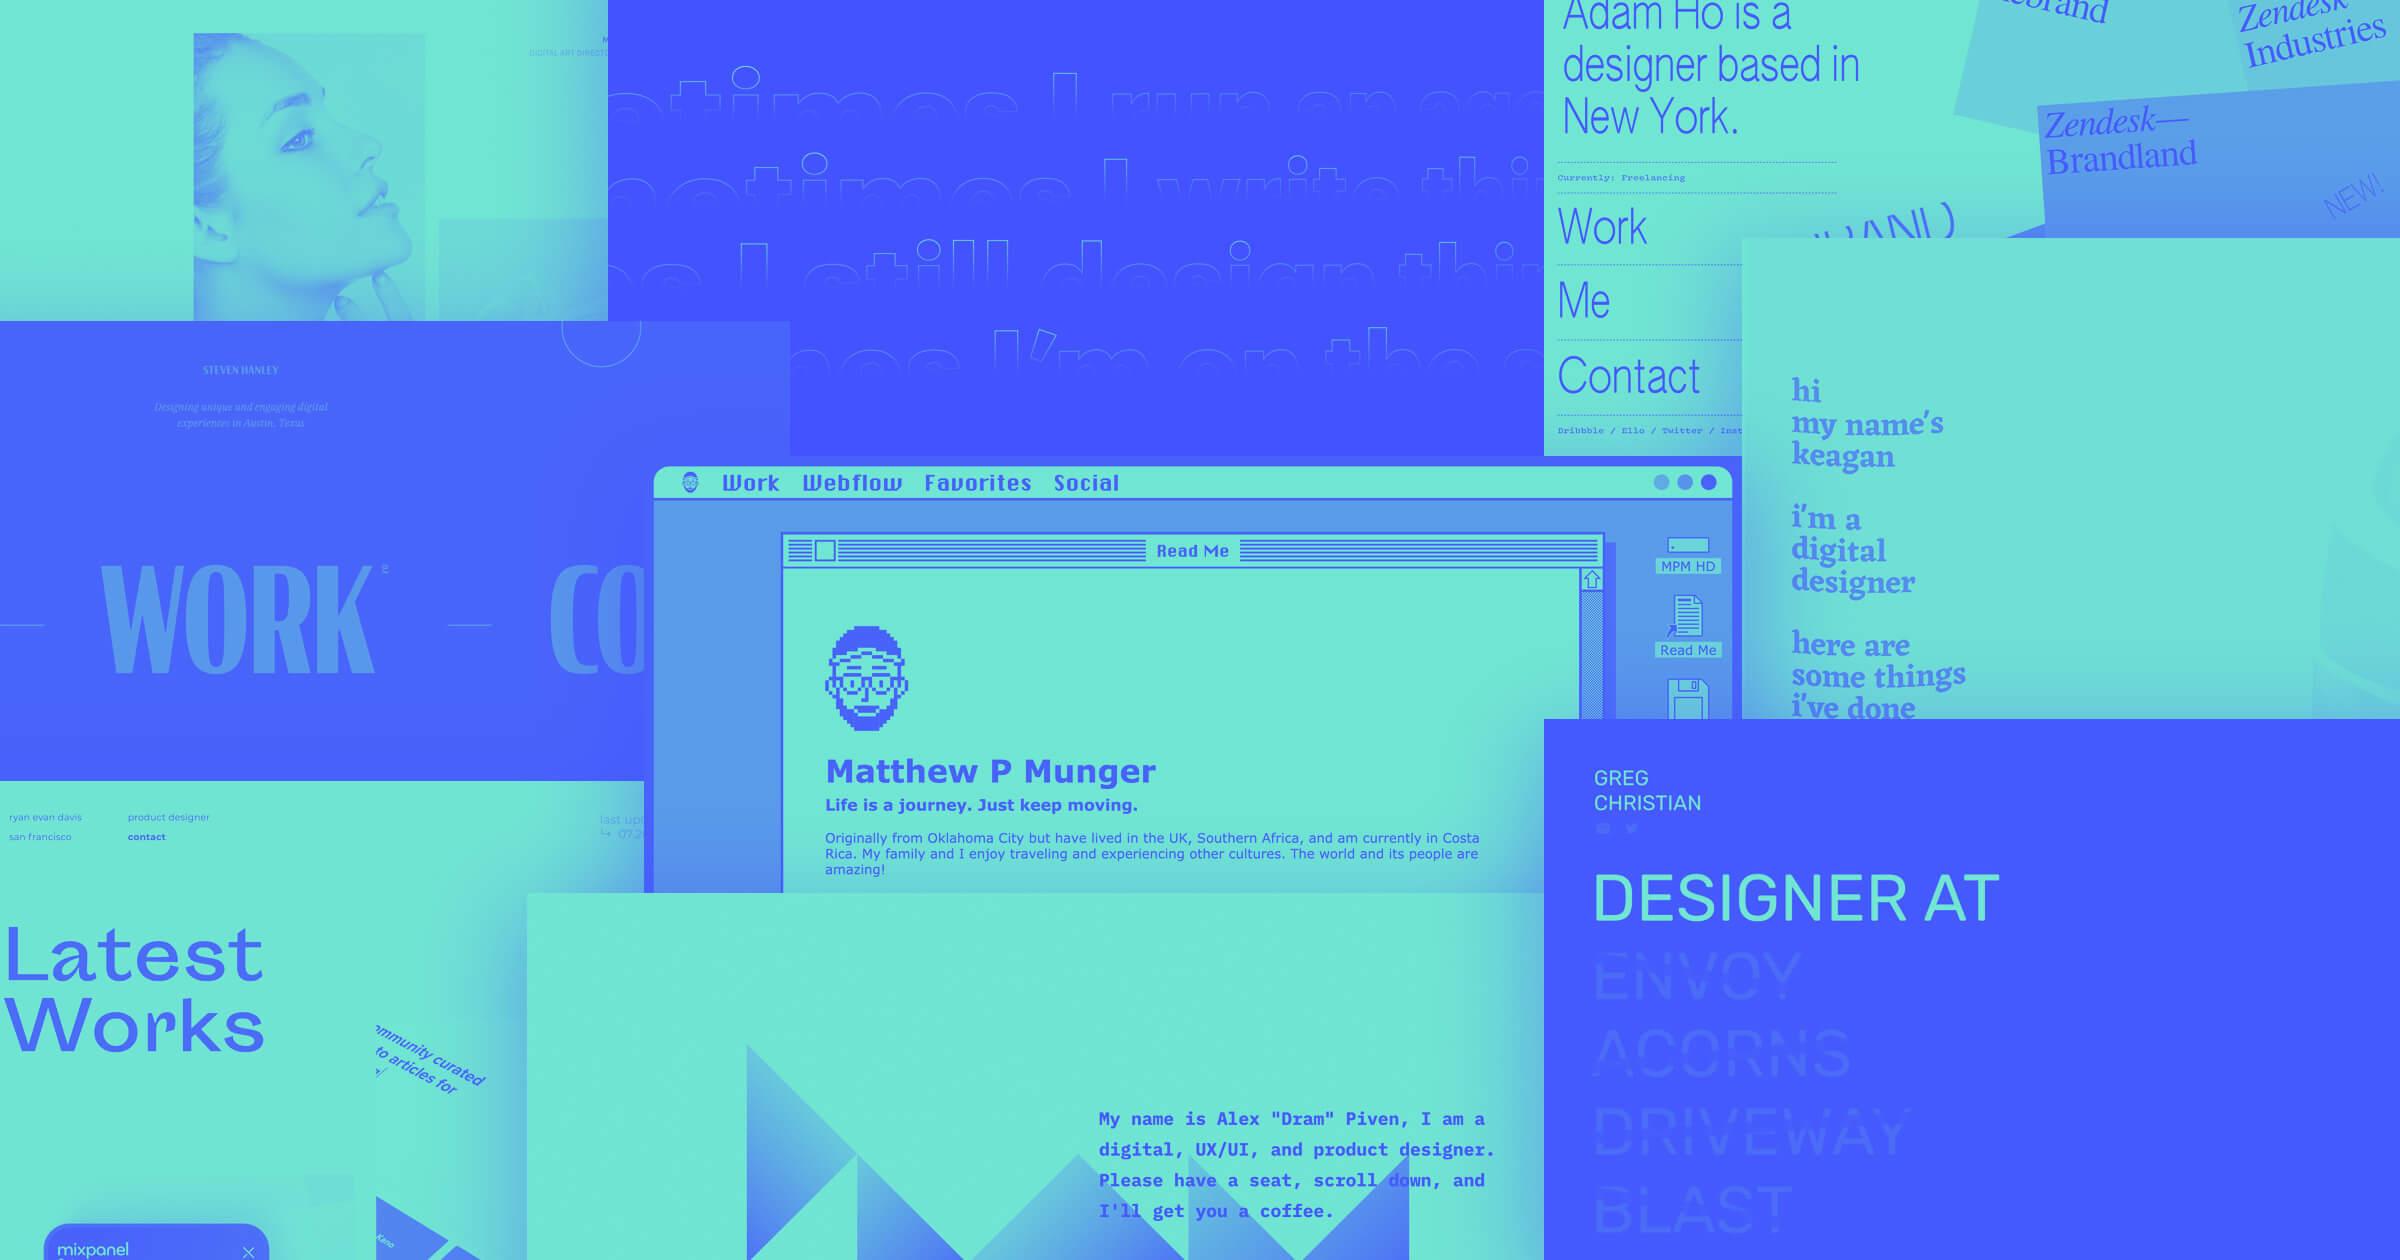 27 unique design portfolio examples built in Webflow